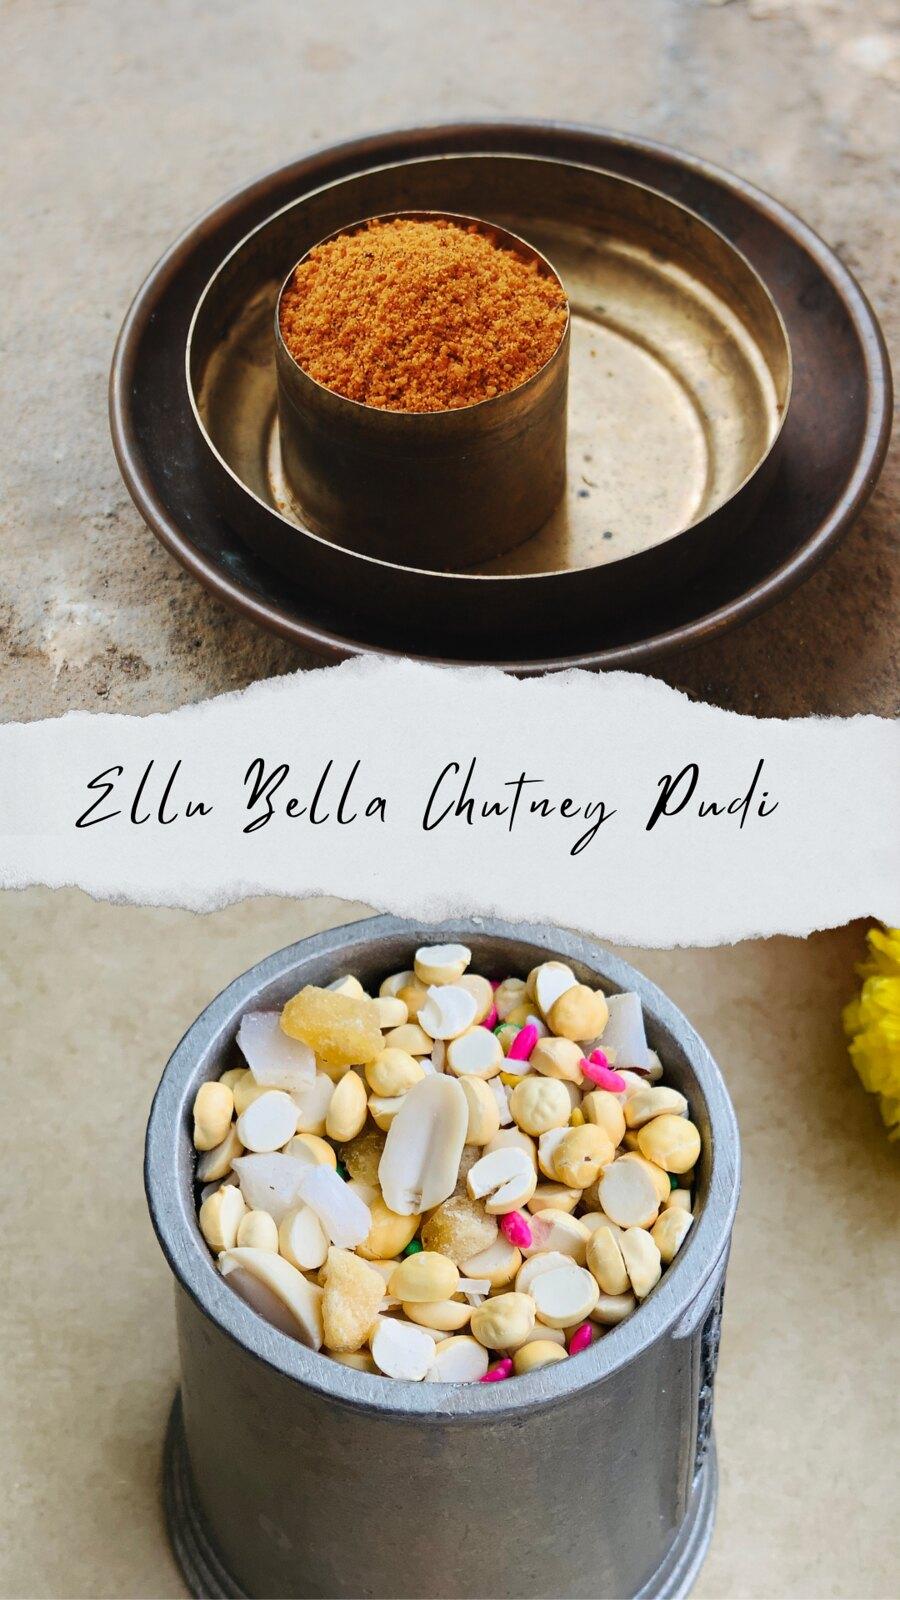 Ellu Bella Chutney Pudi